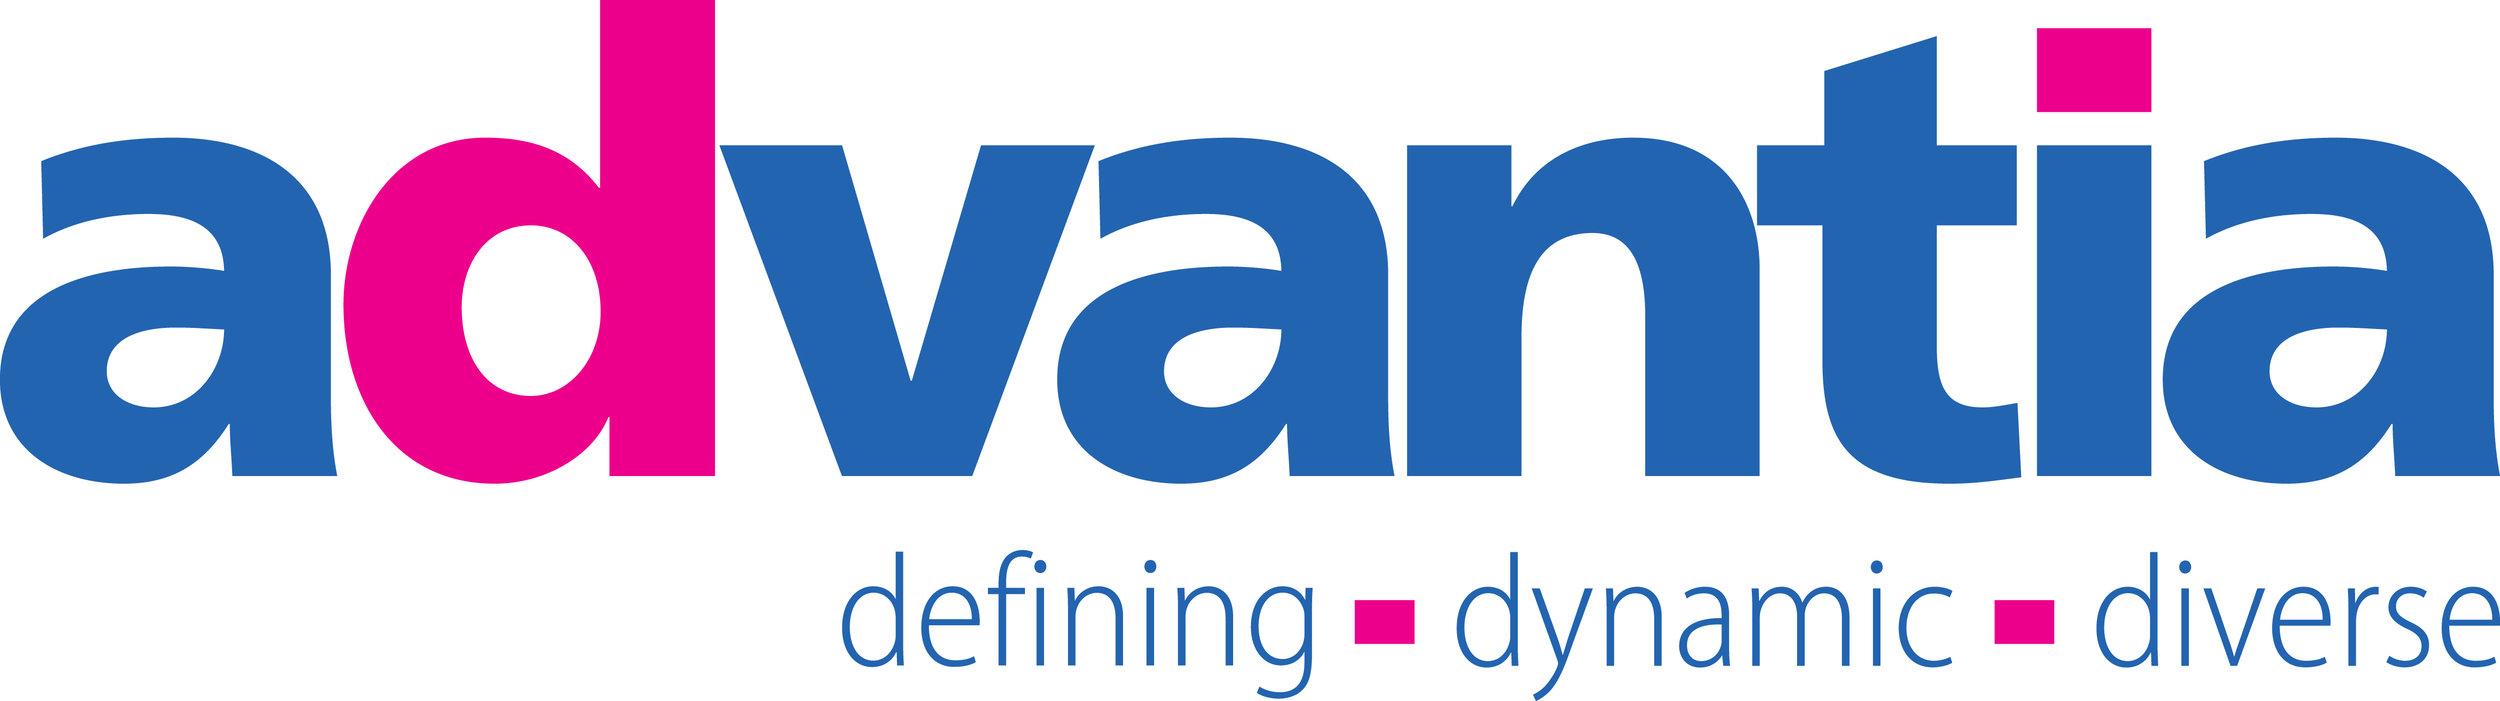 advantia logo full colour RGB.jpg